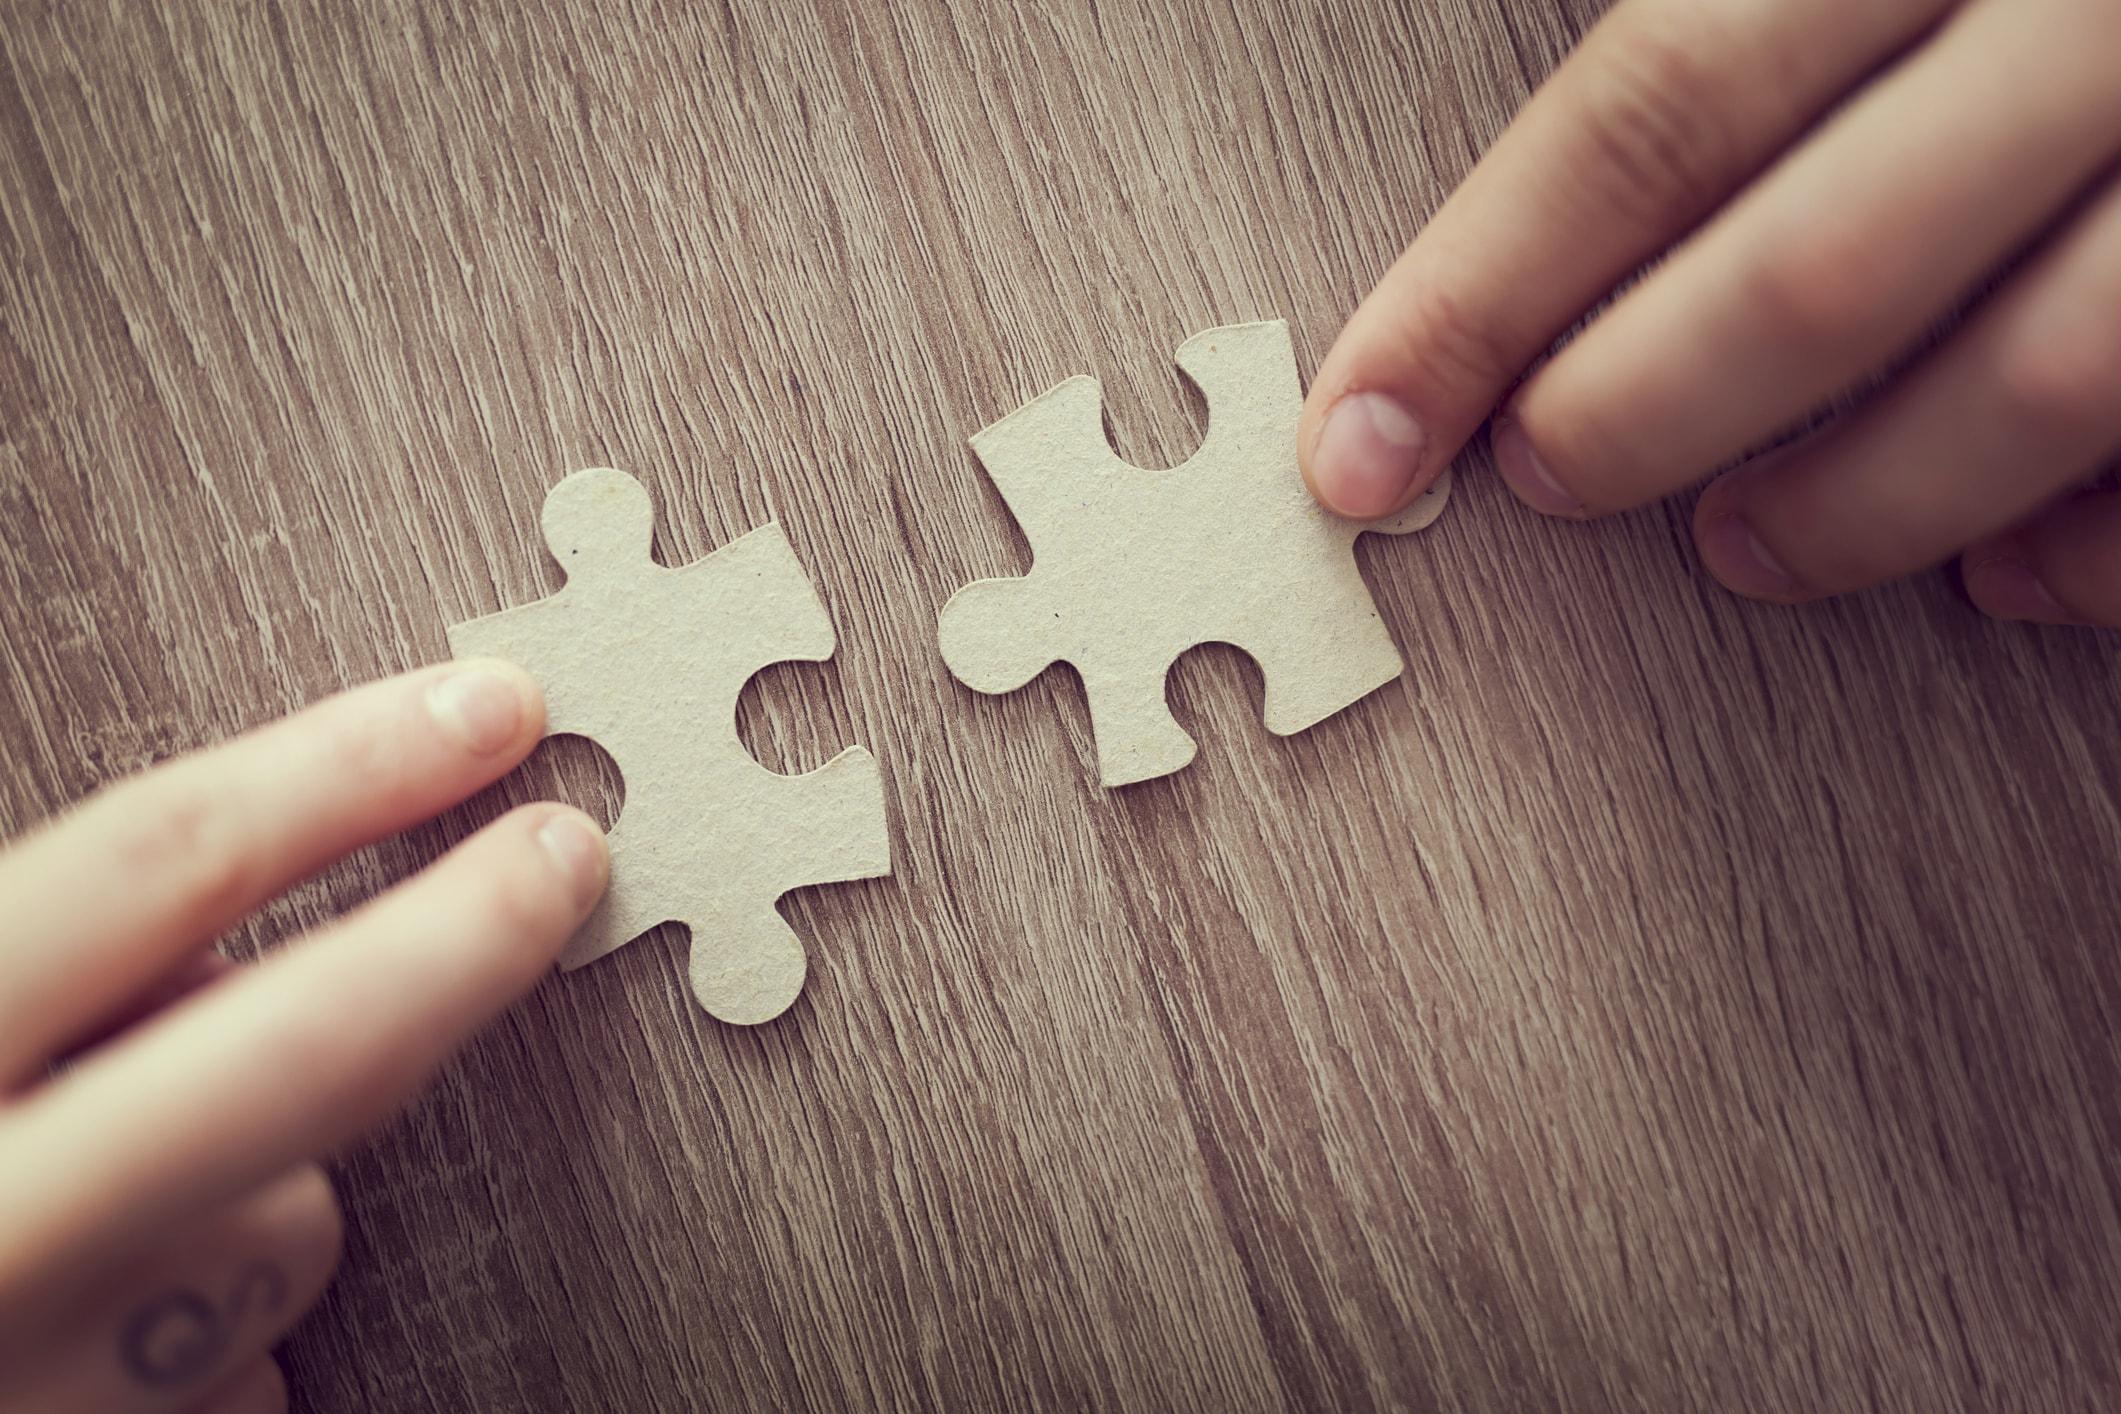 Zwei passende Puzzleteile